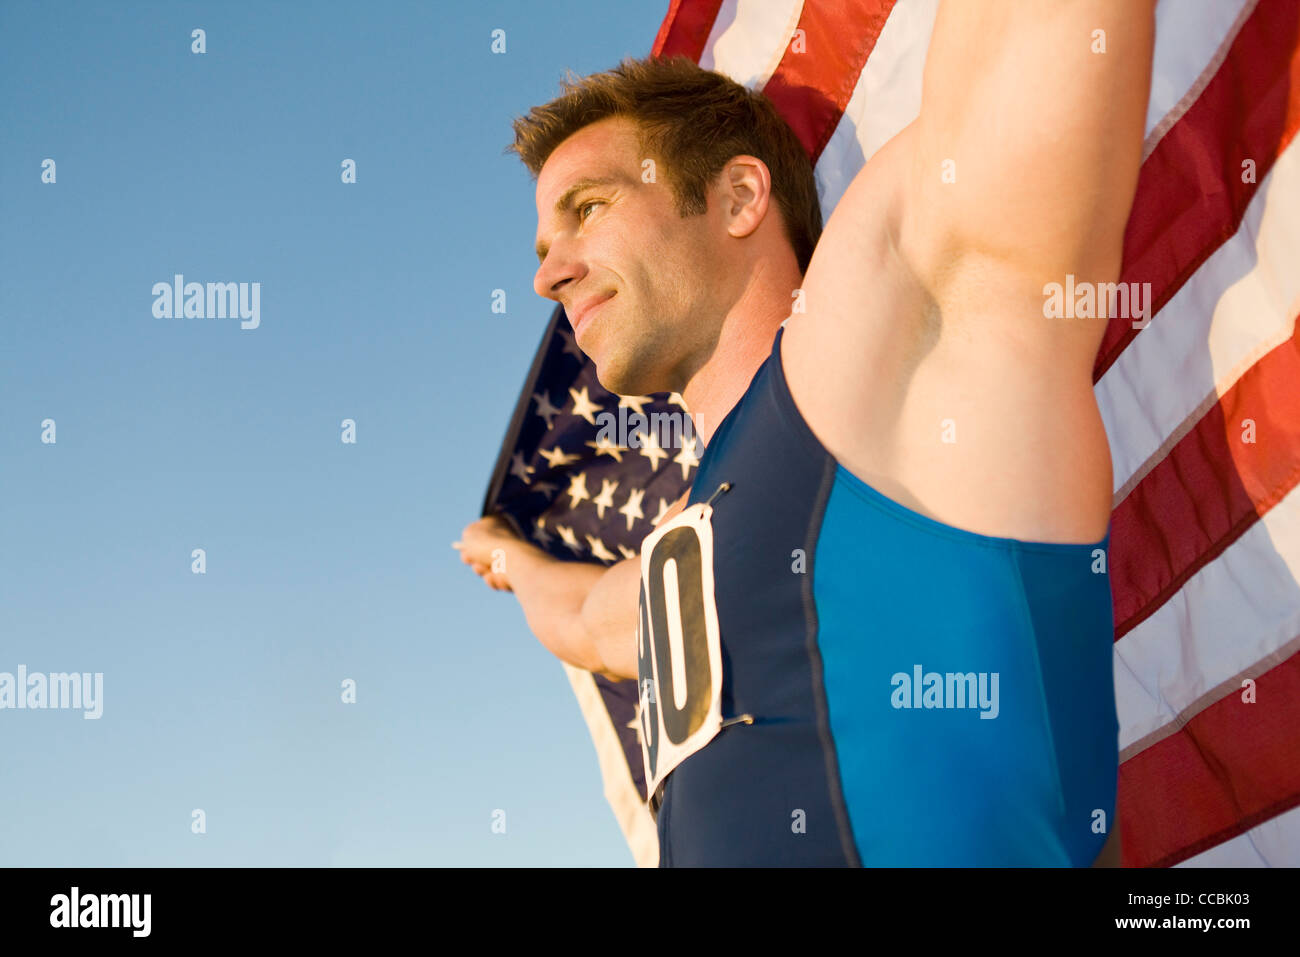 Atleta sosteniendo la bandera americana, vista de ángulo bajo Imagen De Stock